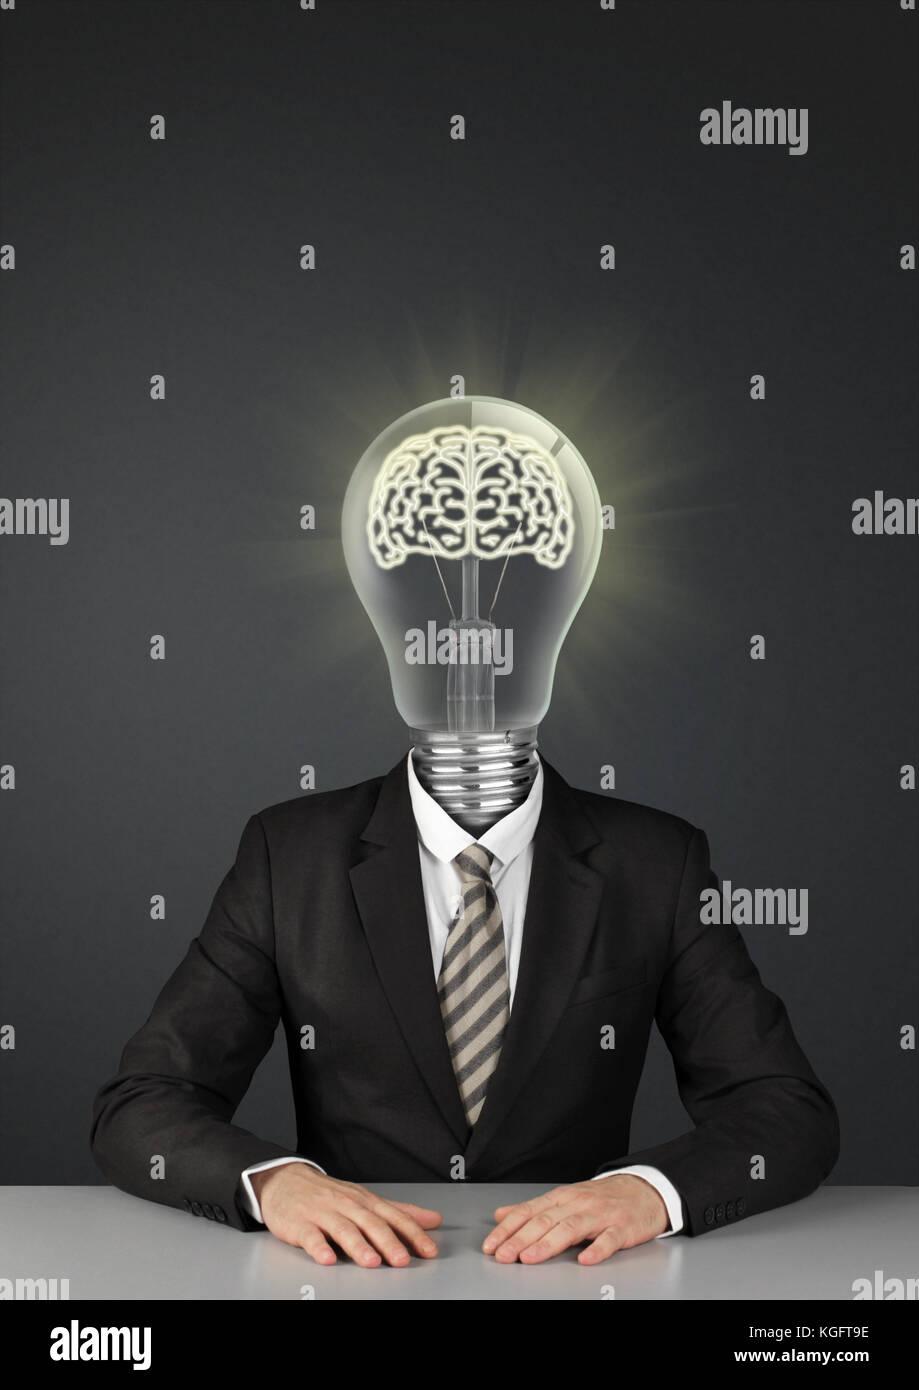 Empresario en negro con bombilla de luz en lugar de la cabeza, el concepto de grandes ideas Imagen De Stock